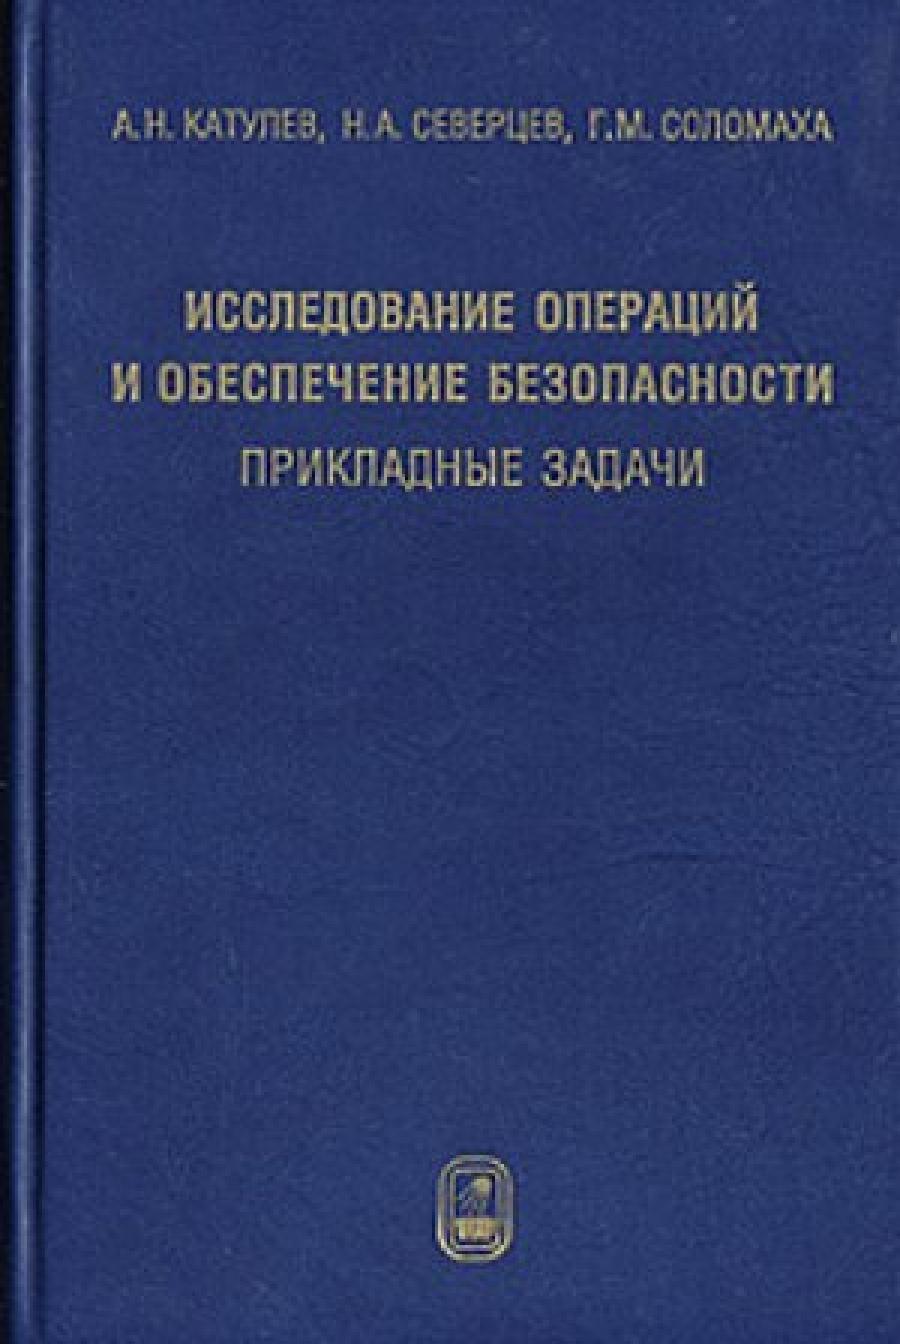 Обложка книги:  катулев а. н., северцев н. а., соломаха г. м. - исследование операций и обеспечение безопасности. прикладные задачи